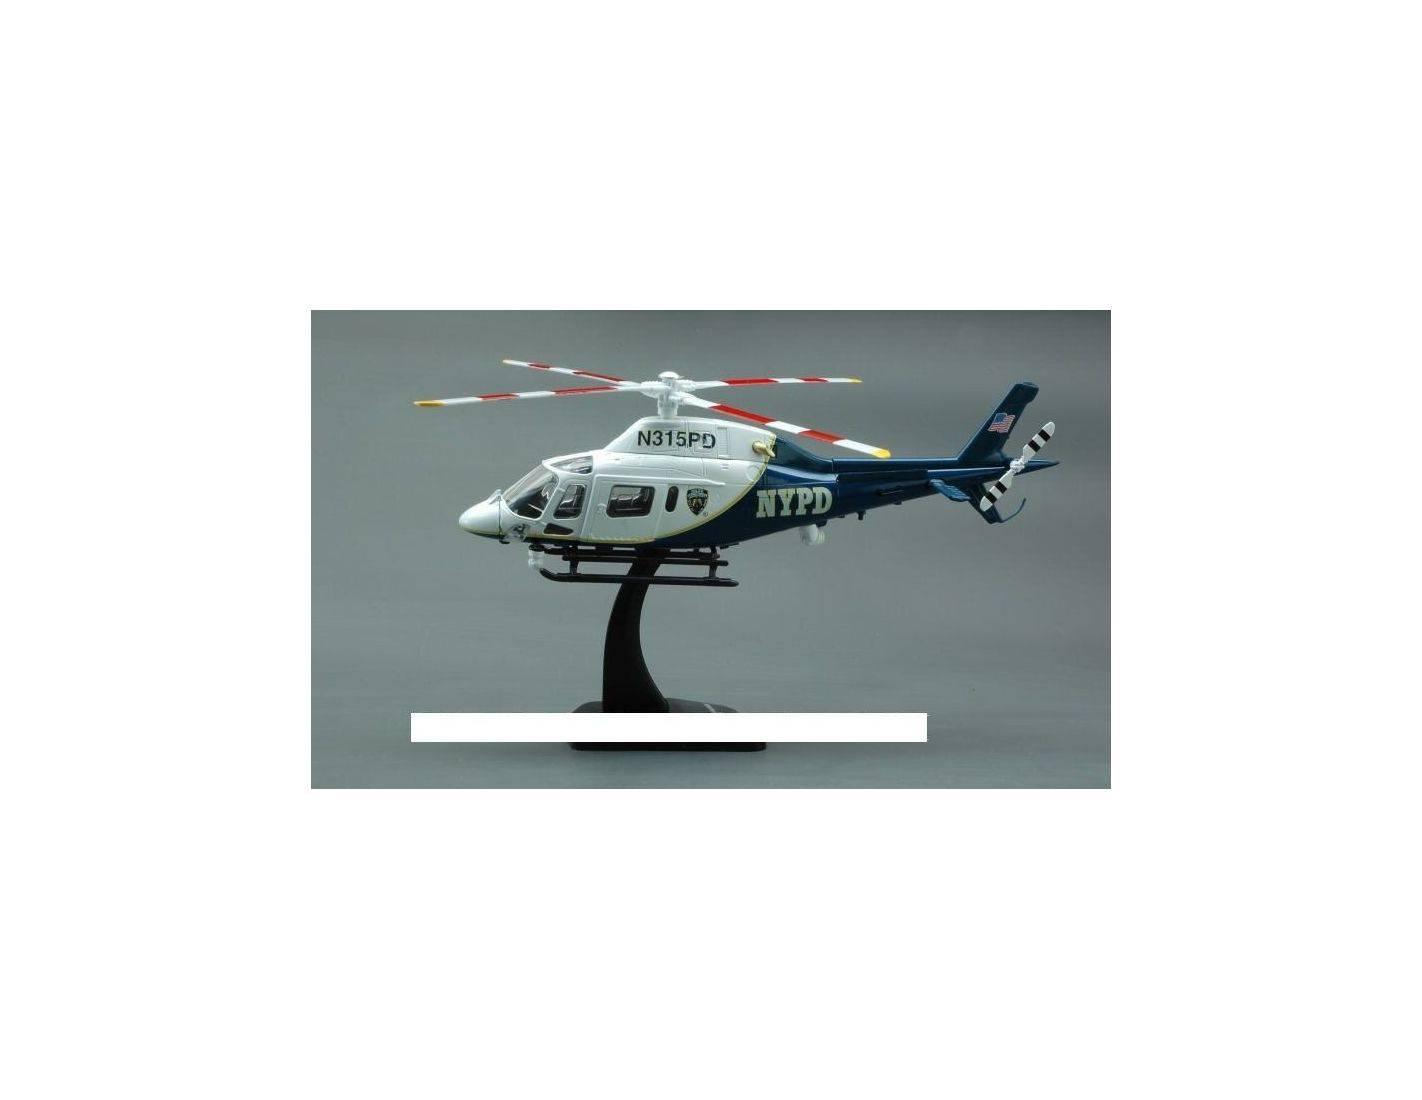 Elicottero Agusta : New ray ny elicottero agusta koala nypd